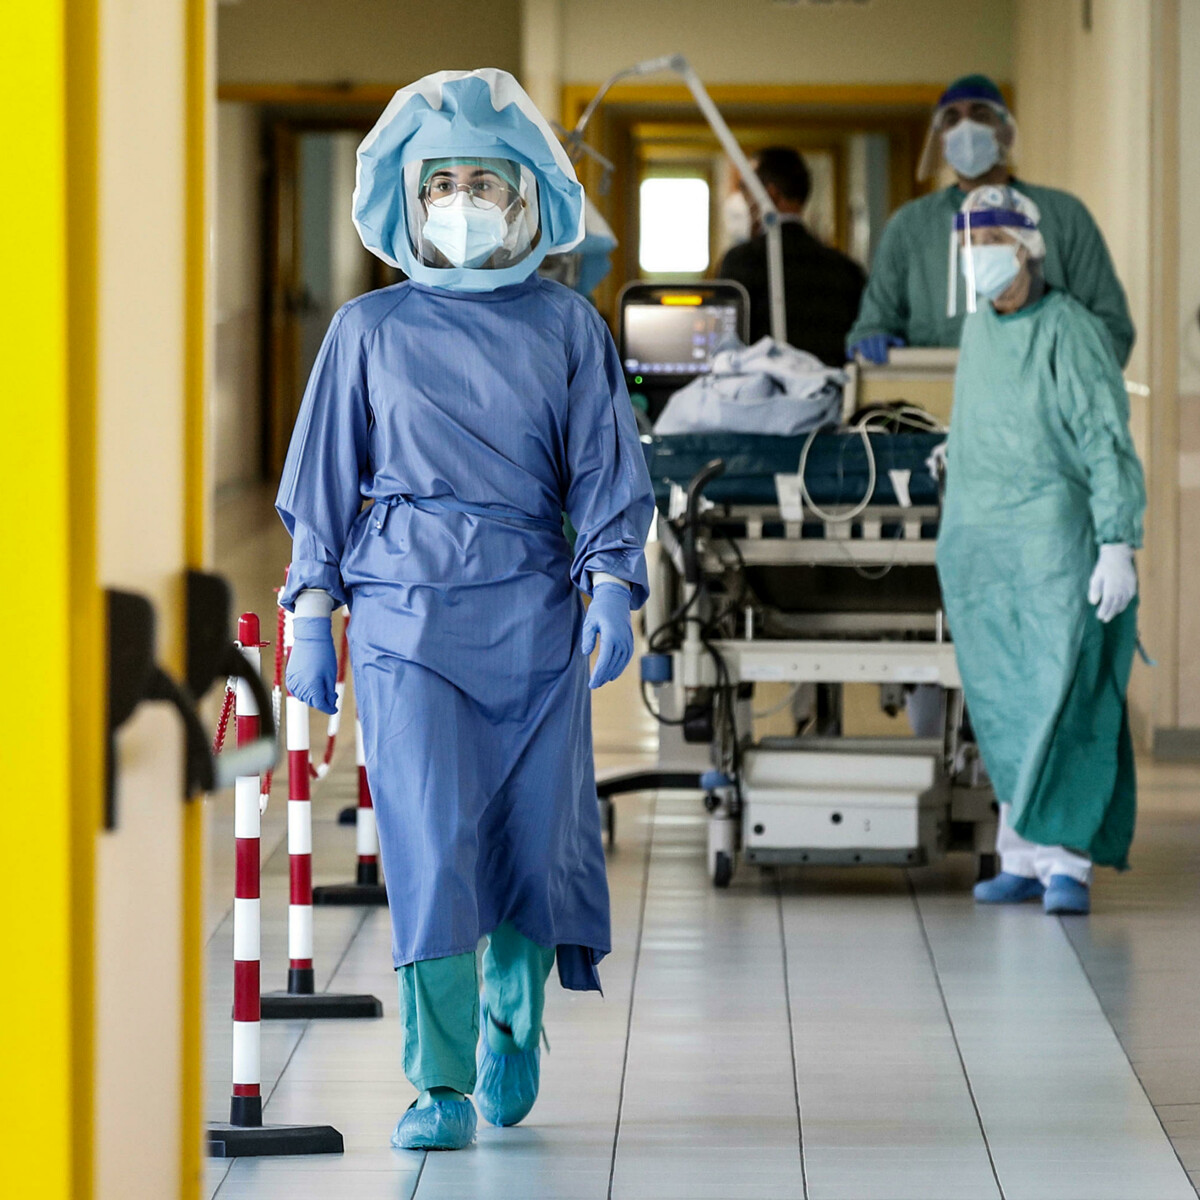 Coronavirus, il bollettino di oggi lunedì 26 luglio: 3.117 nuovi casi e 22 morti. Scarseggiano i vaccini per le prime dosi